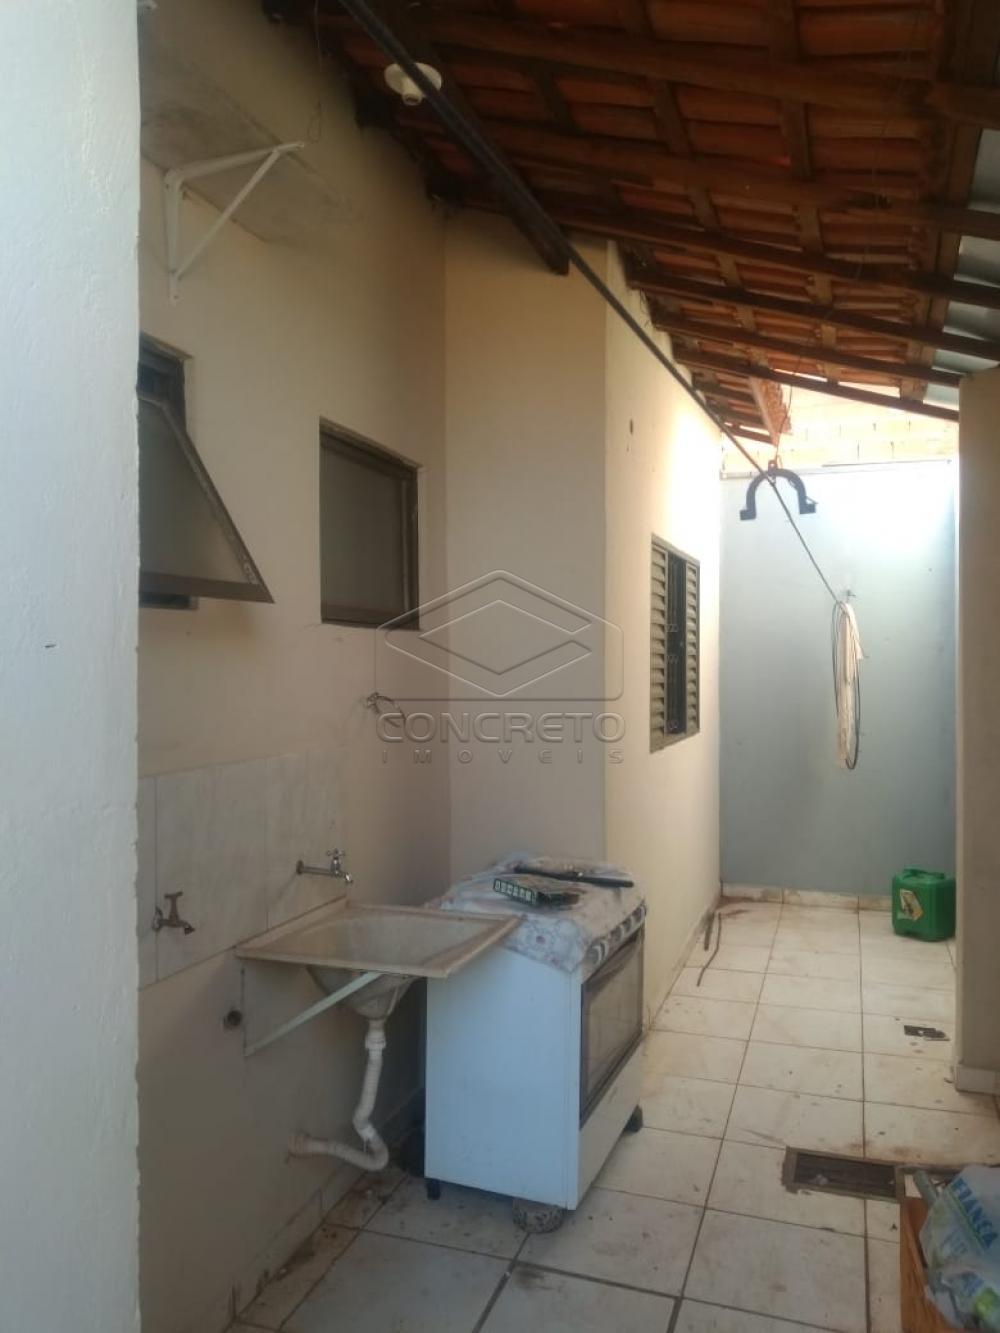 Comprar Casa / Padrão em Bauru R$ 240.000,00 - Foto 11